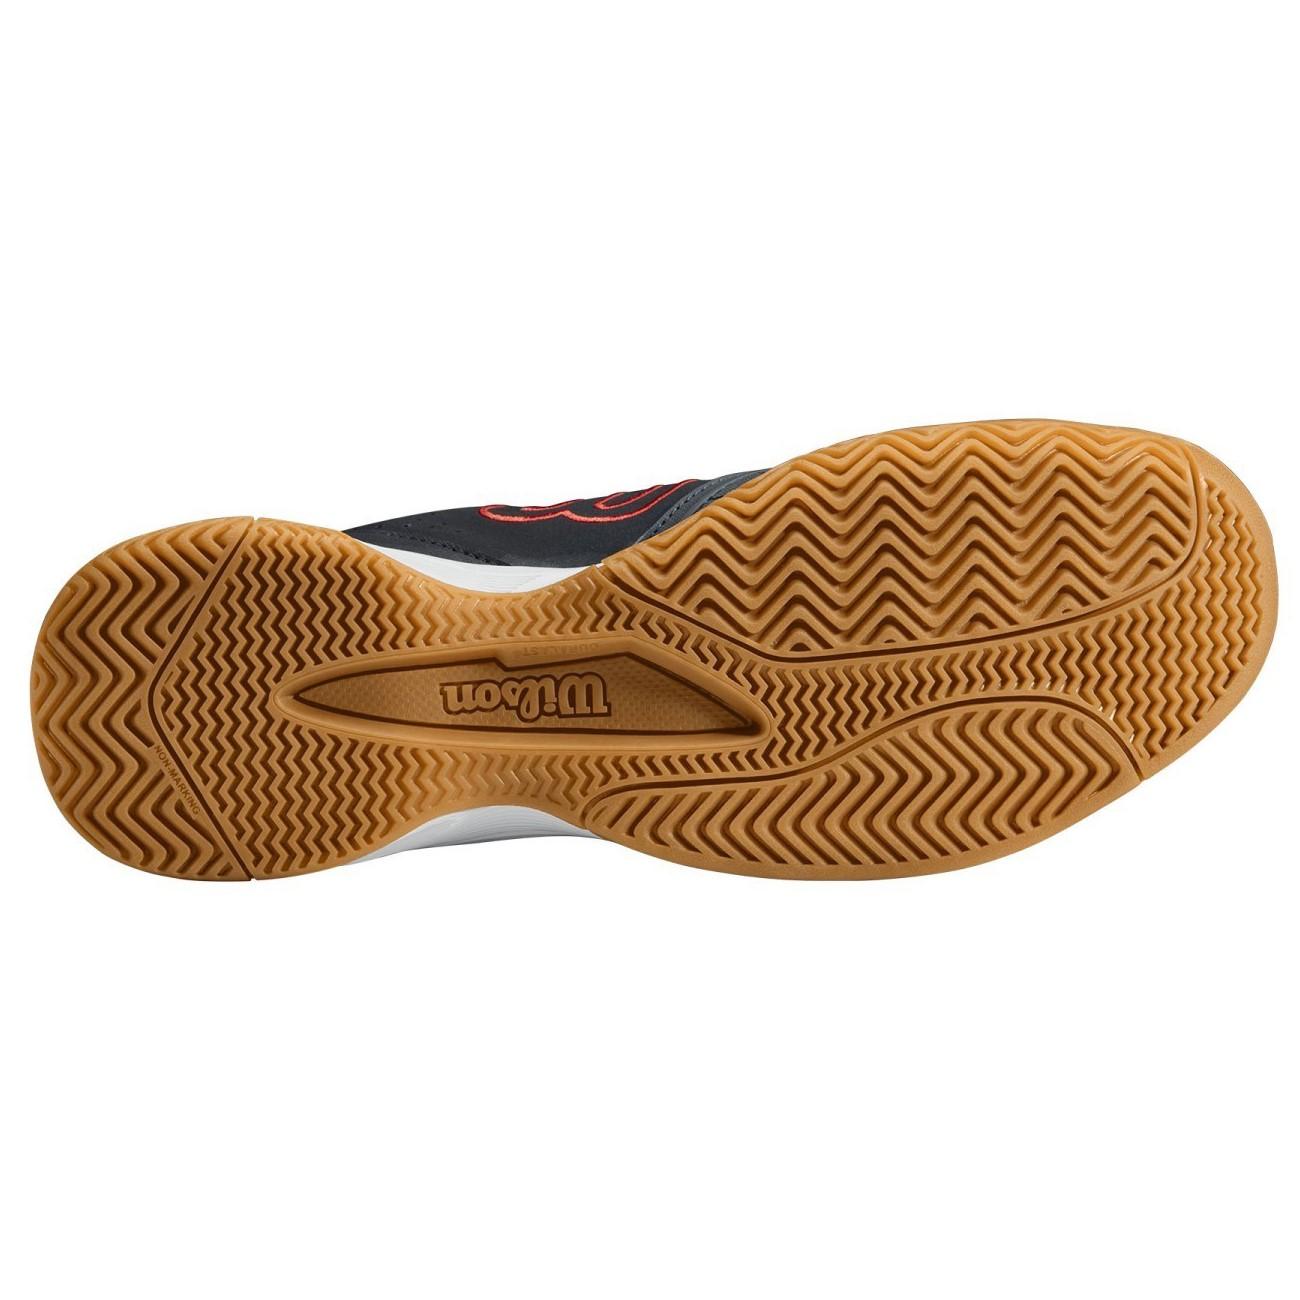 Wilson Kaos Devo Mens Indoor Court Shoes